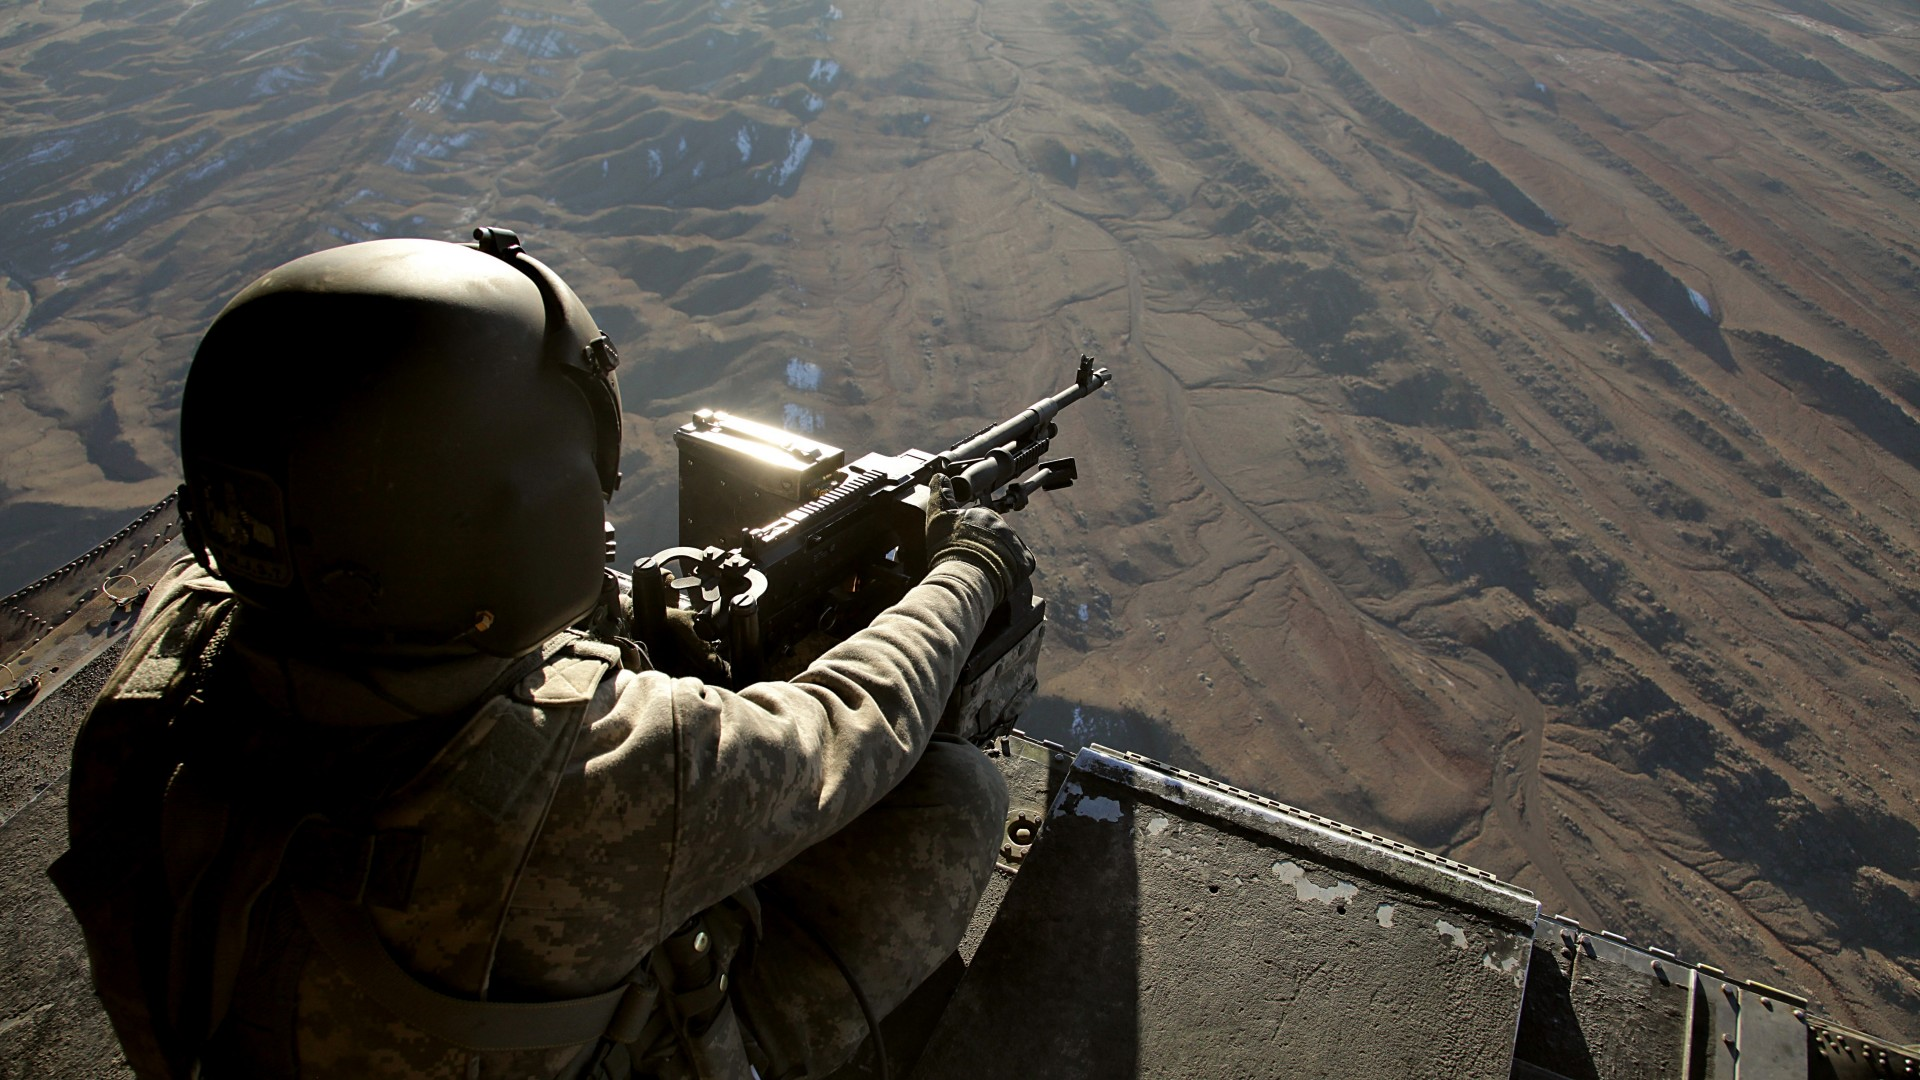 wallpaper ch-47, chinook, u.s. army, soldier, machine gun, gunner